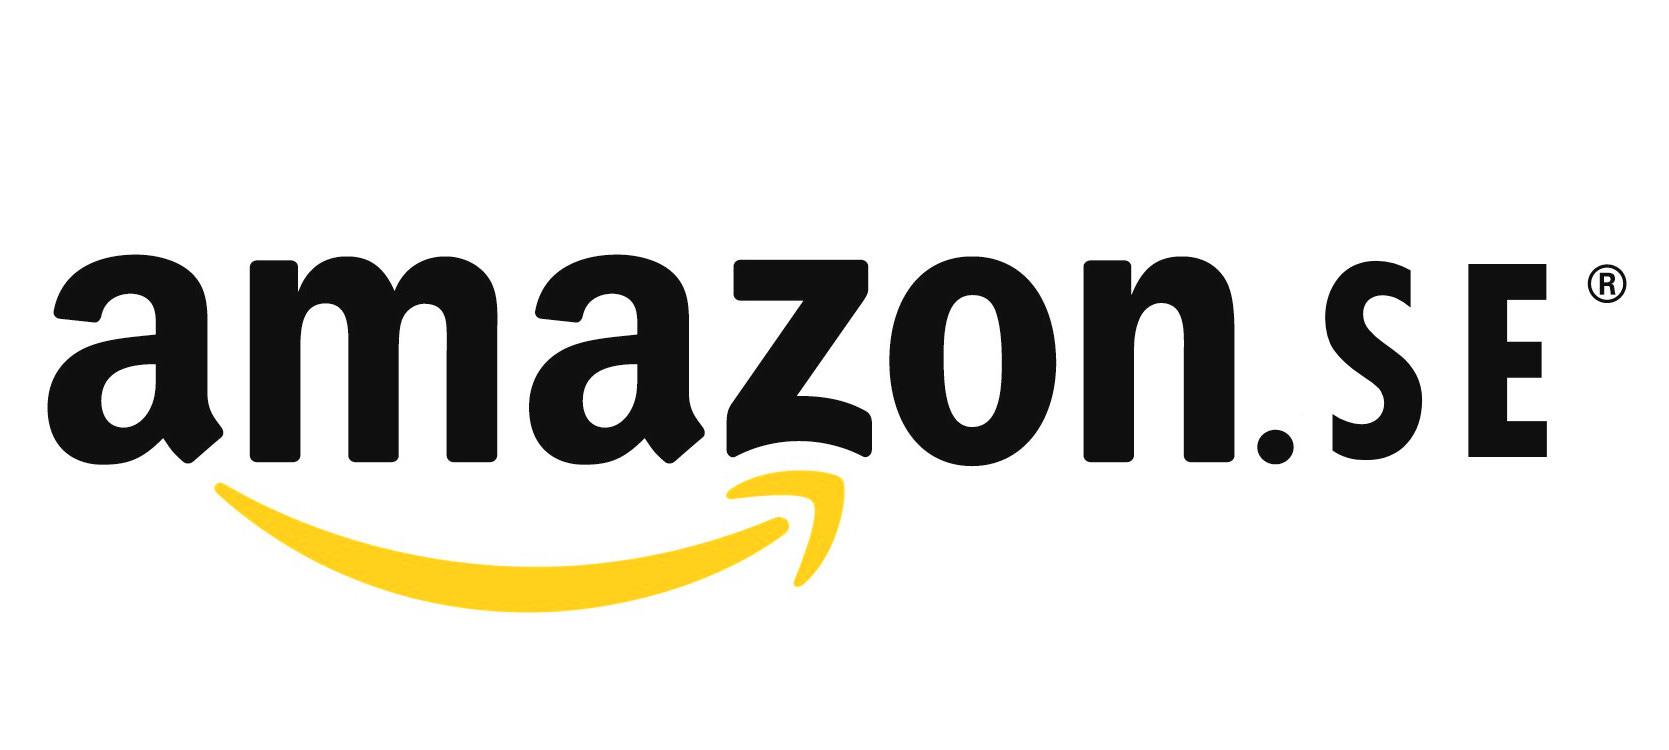 Prislappen för Amazon.se - över 6 miljoner kronor